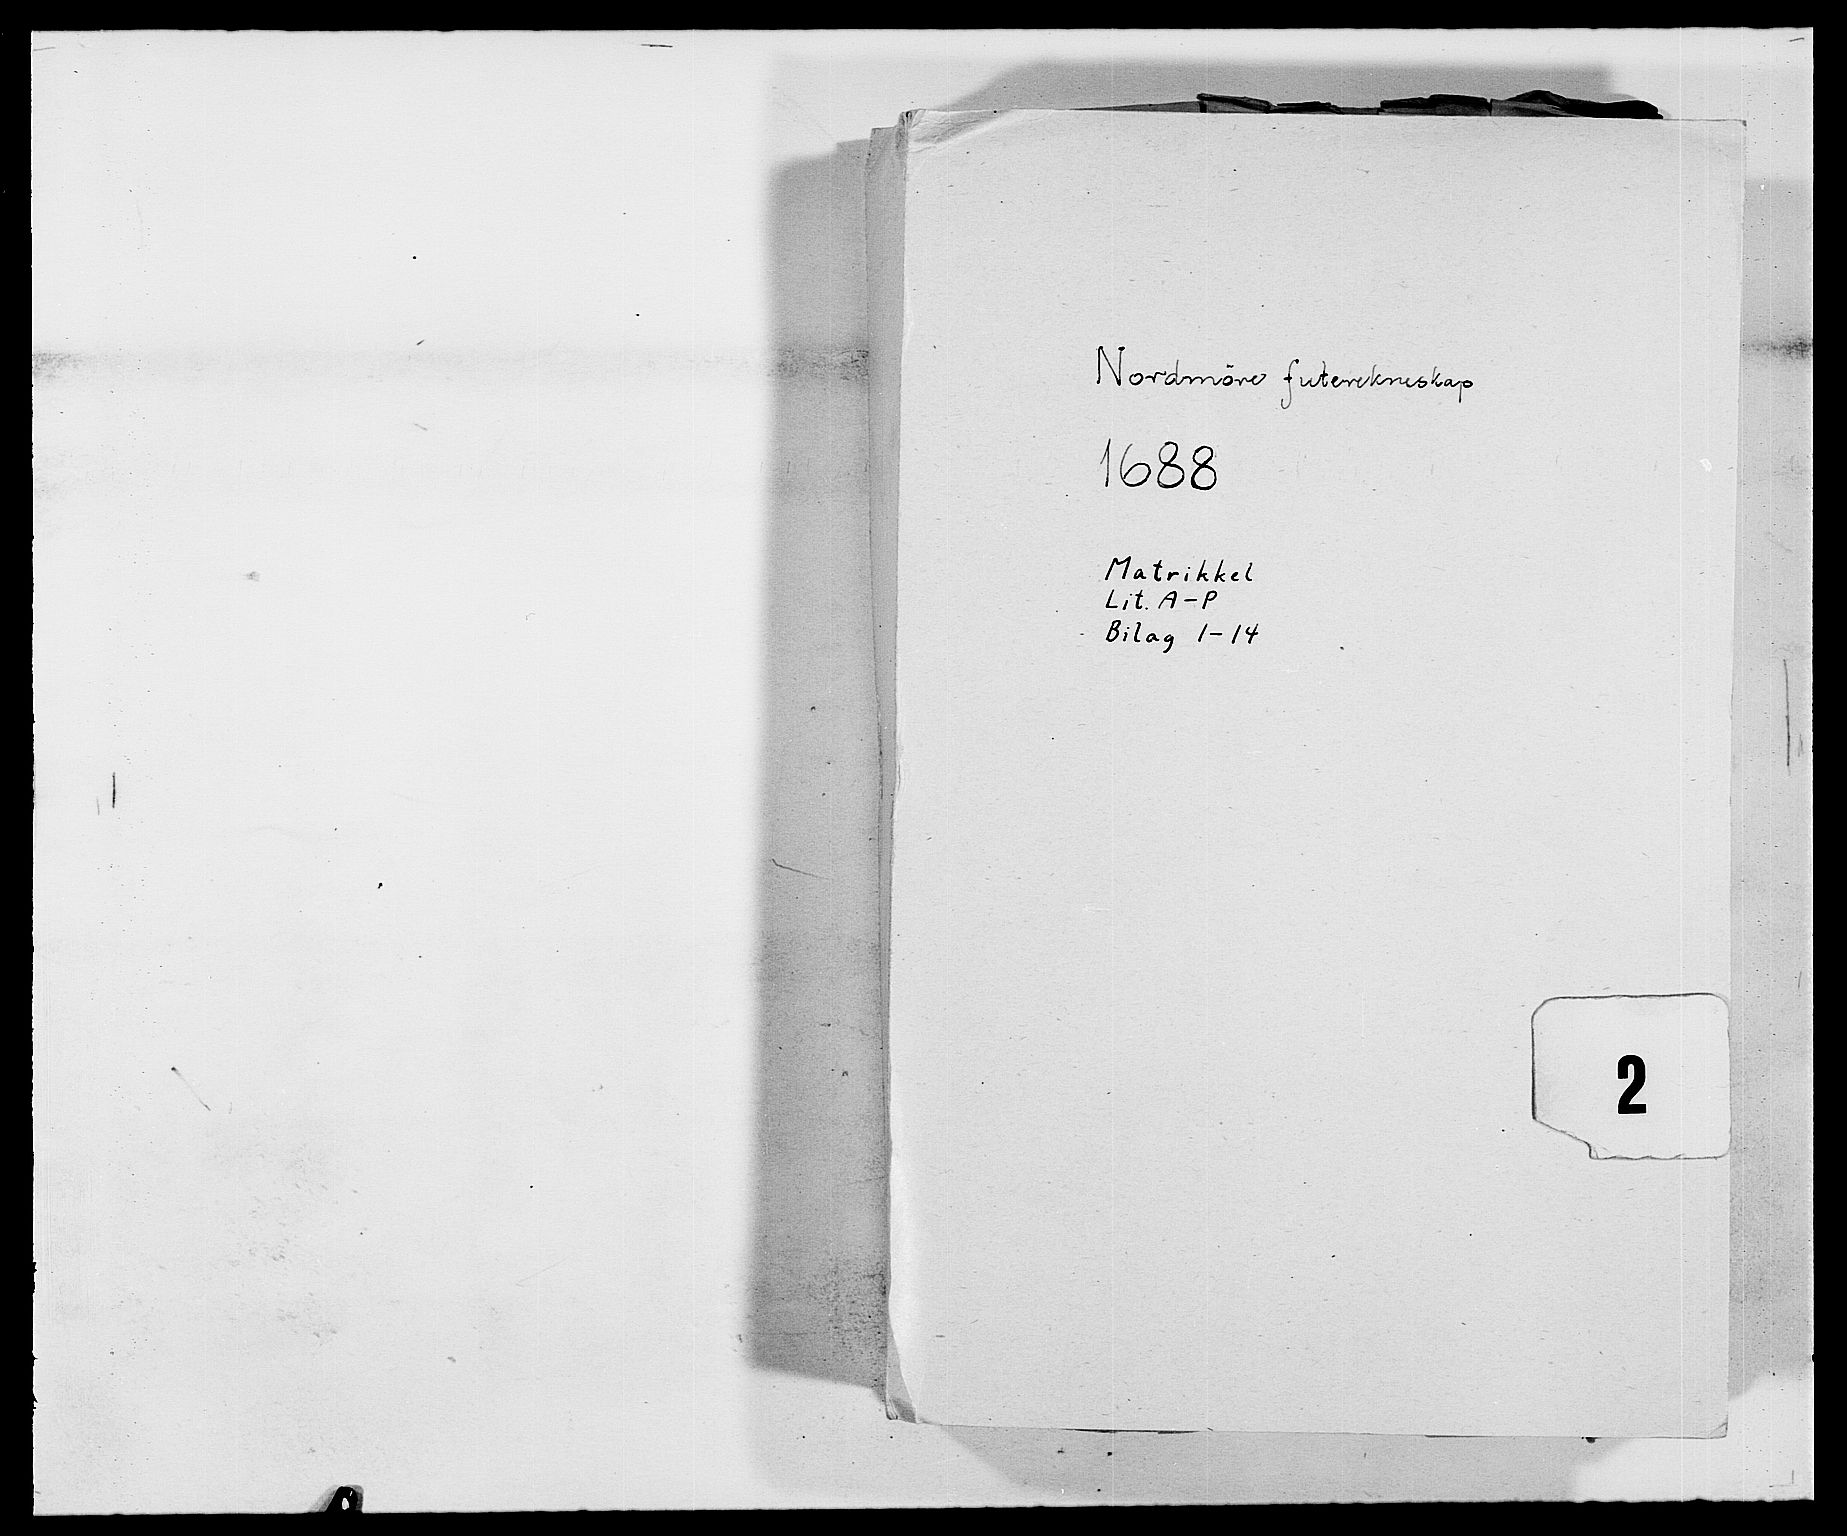 RA, Rentekammeret inntil 1814, Reviderte regnskaper, Fogderegnskap, R56/L3733: Fogderegnskap Nordmøre, 1687-1689, s. 134